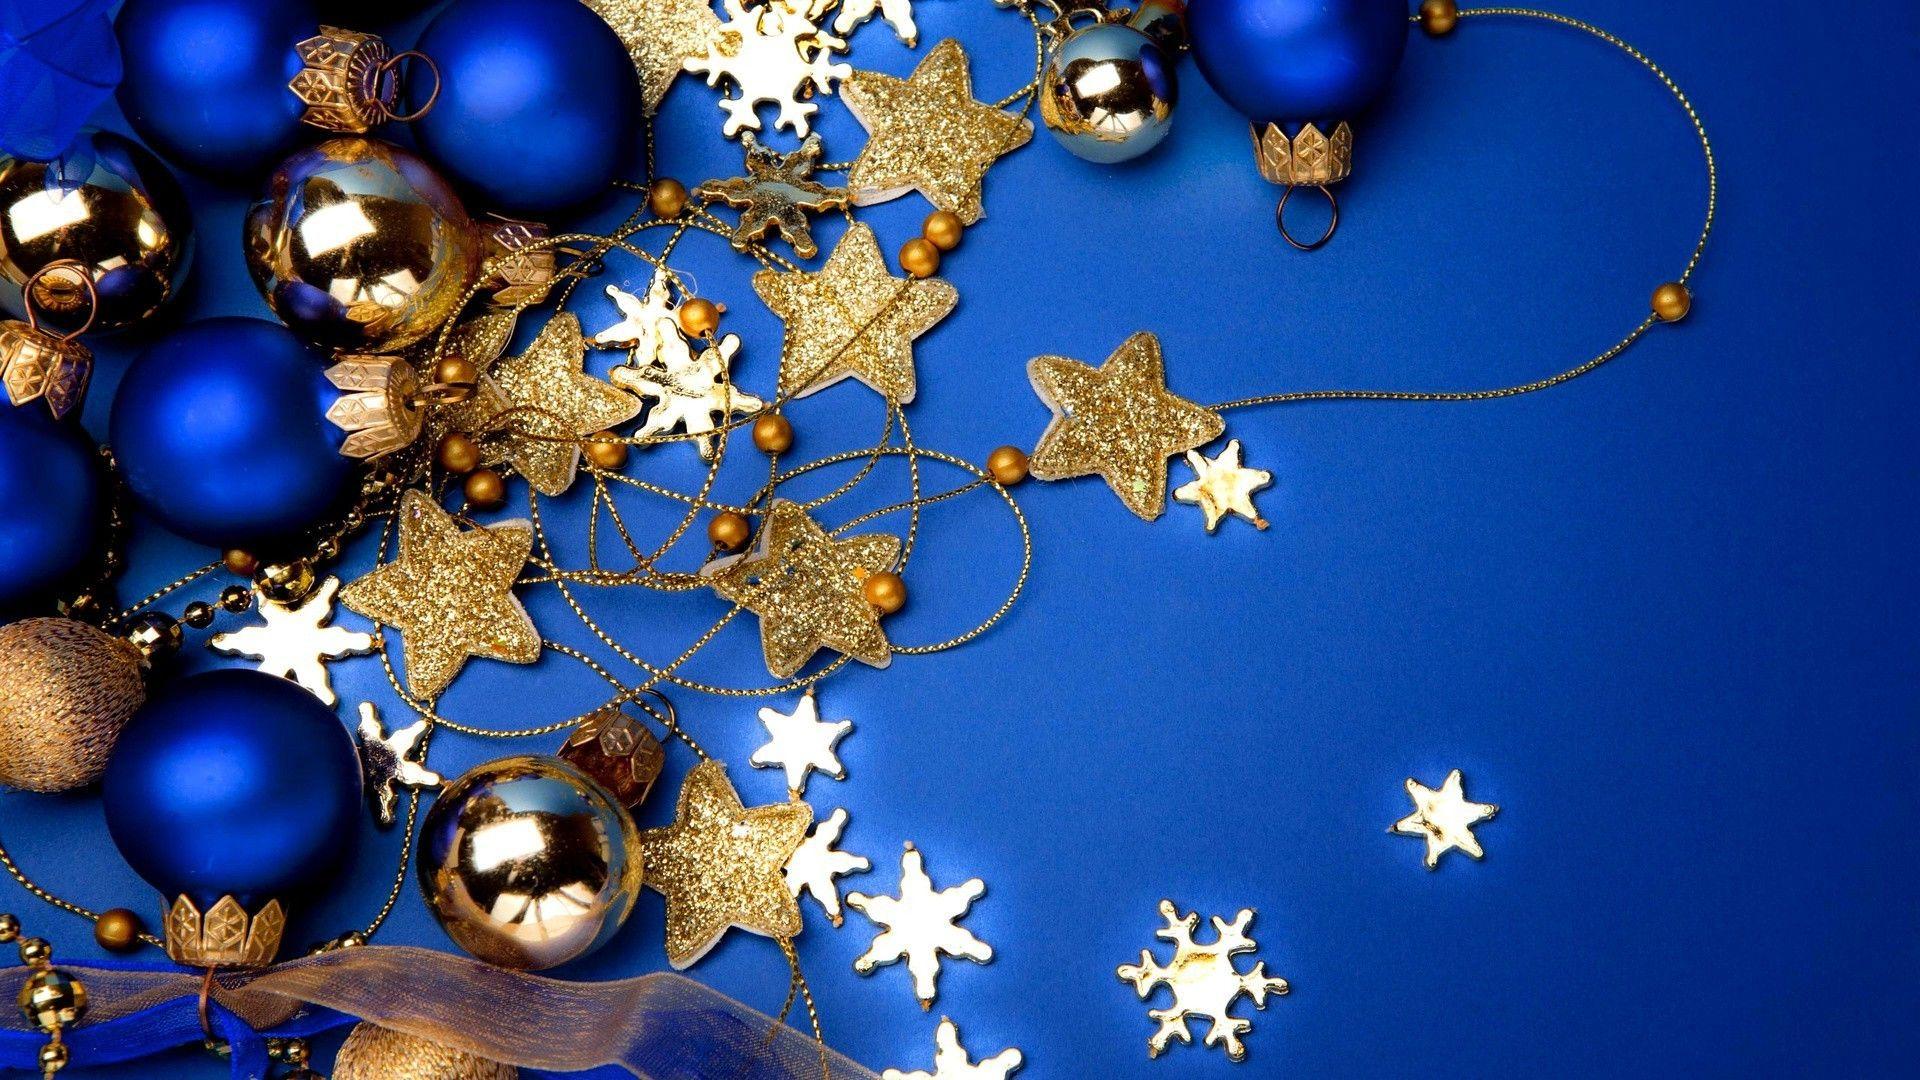 Christmas For Website full hd 1080p wallpaper